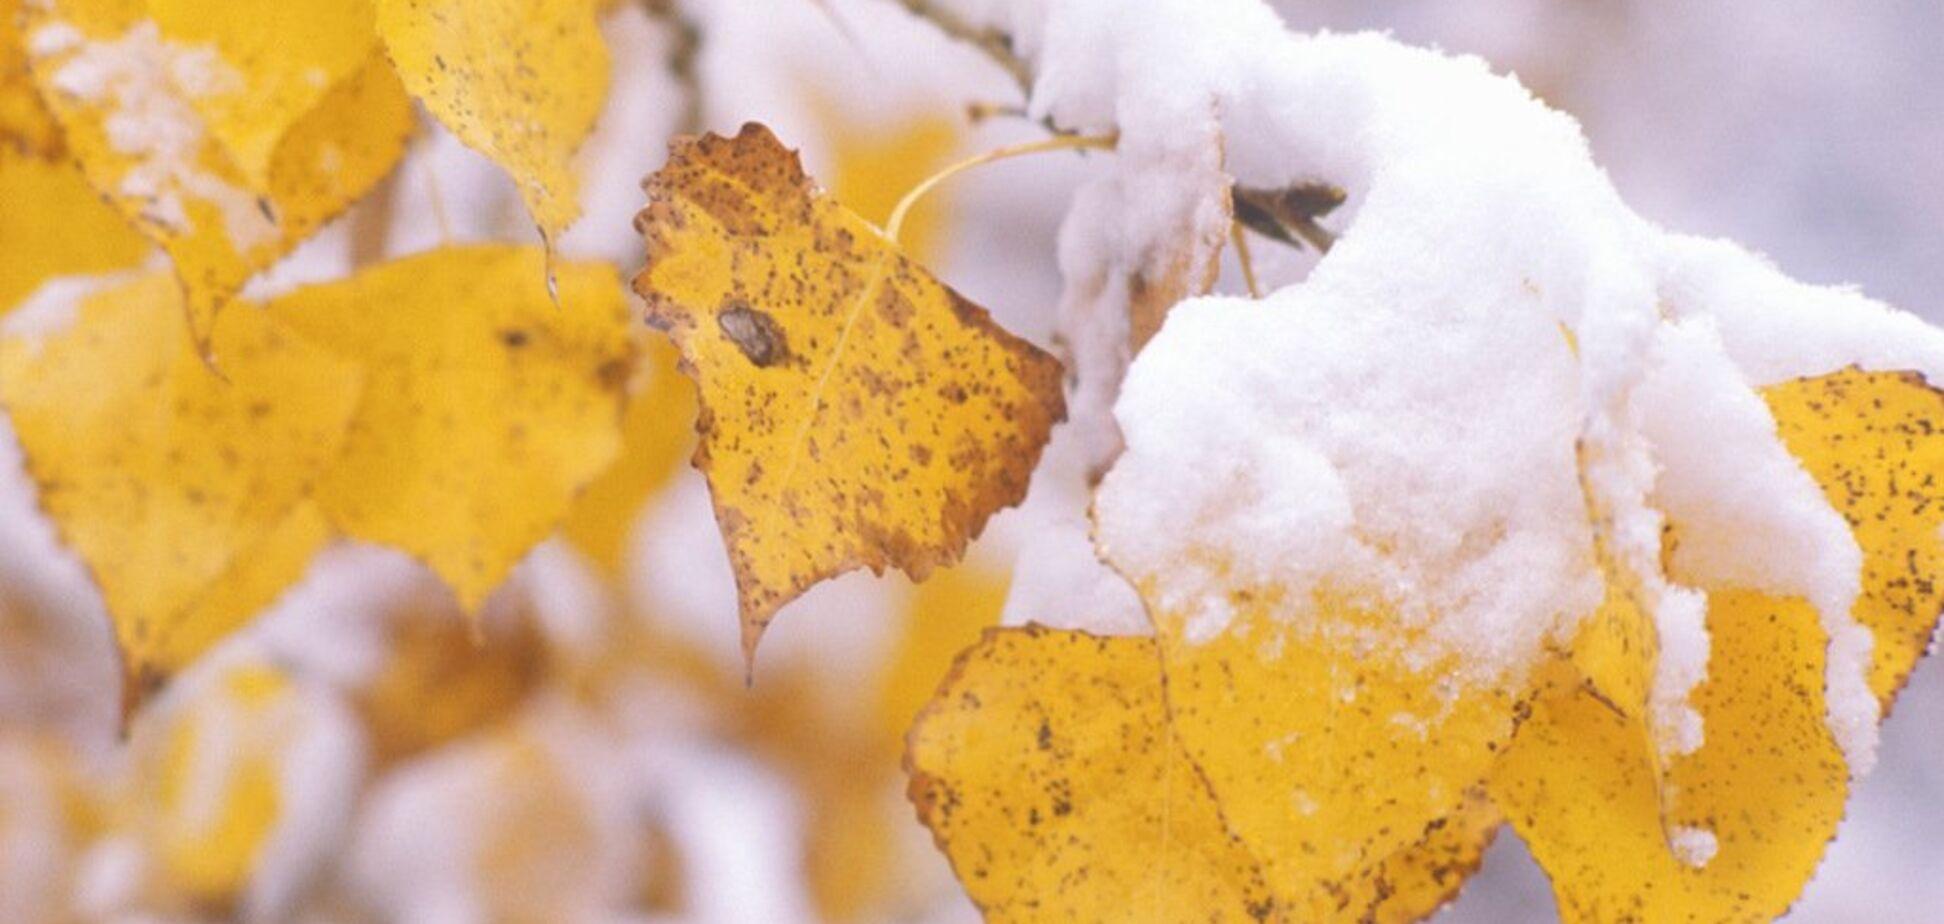 До -3: синоптик предупредила о заморозках и снеге в Украине